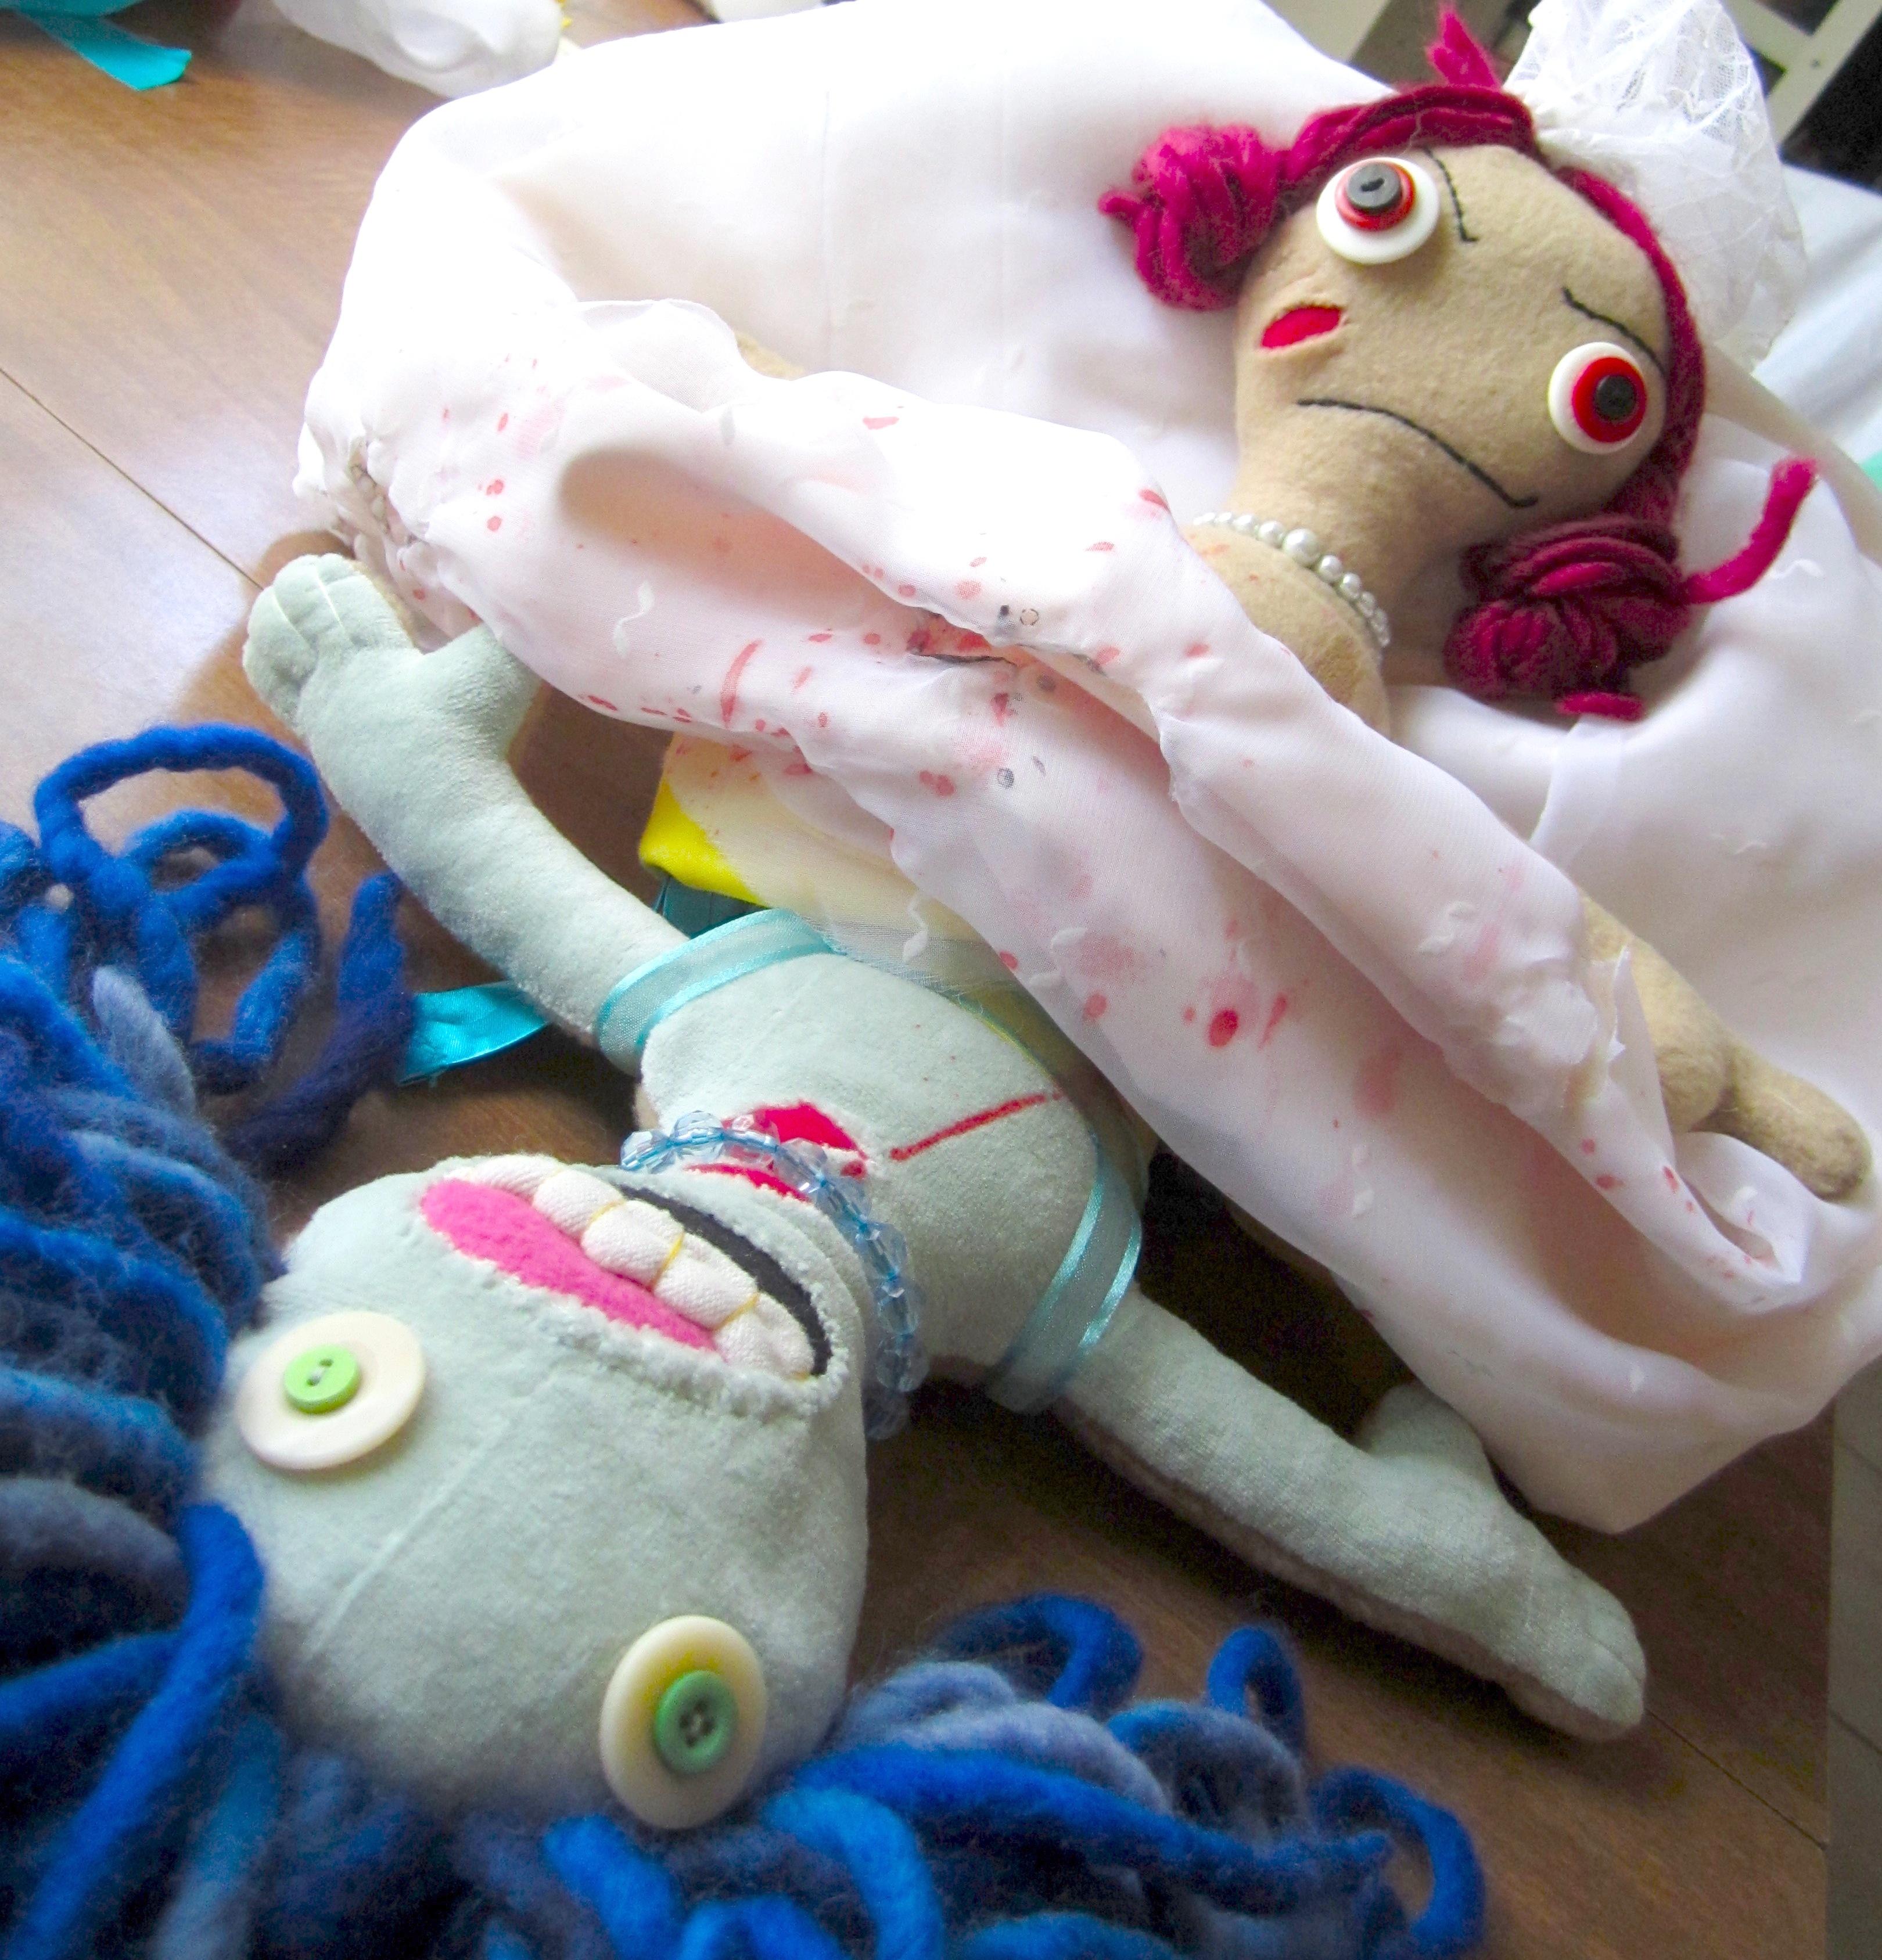 Zombie Story - Topsy Turvy Doll